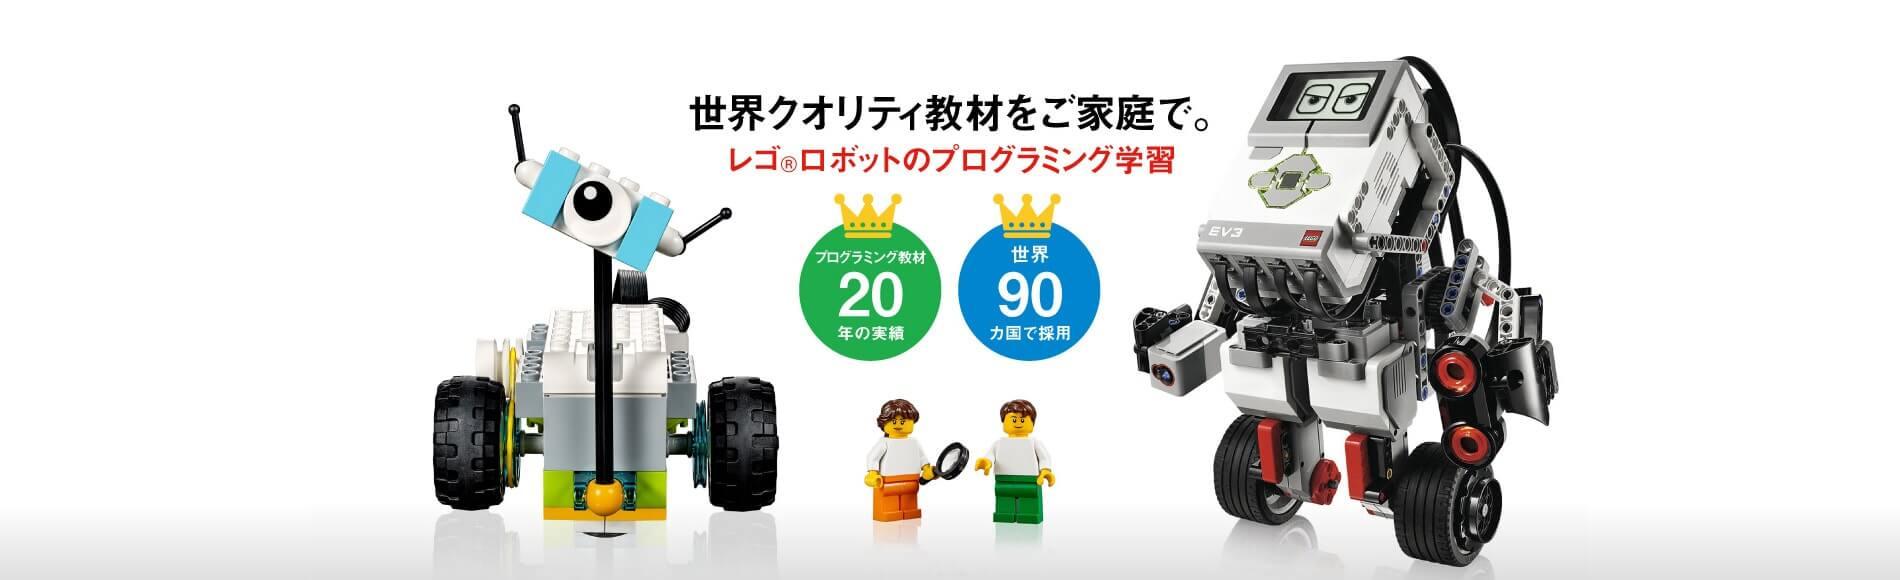 レゴロボットのプログラミング学習